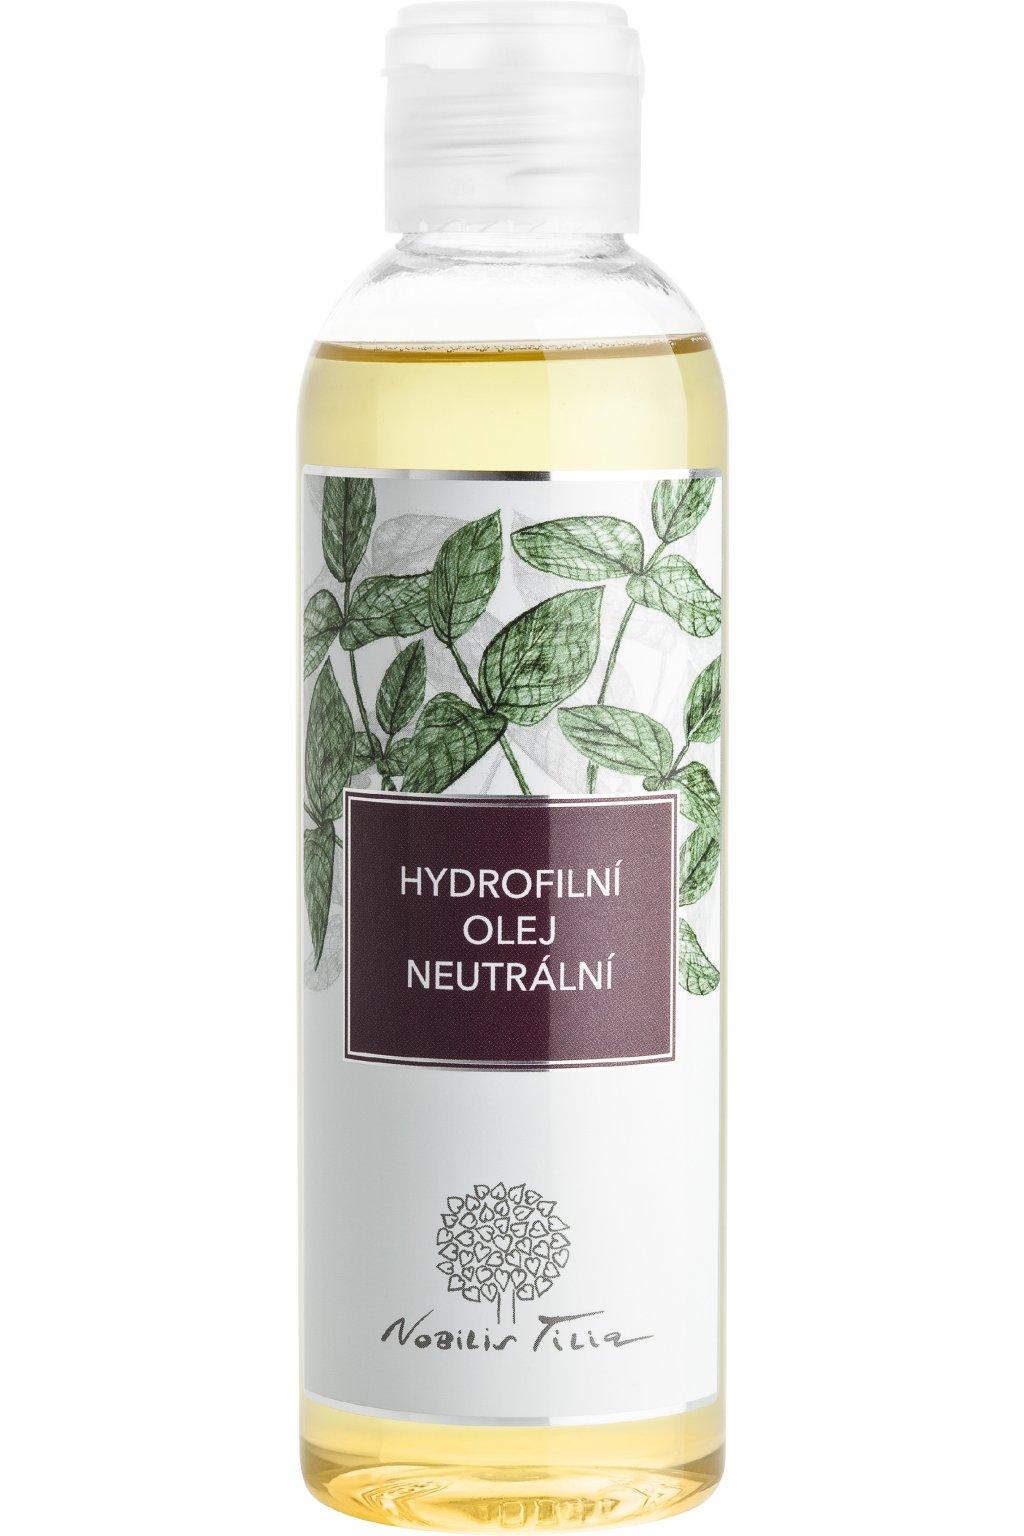 N0900I Hydrofilní olej Neutrální 200 ml